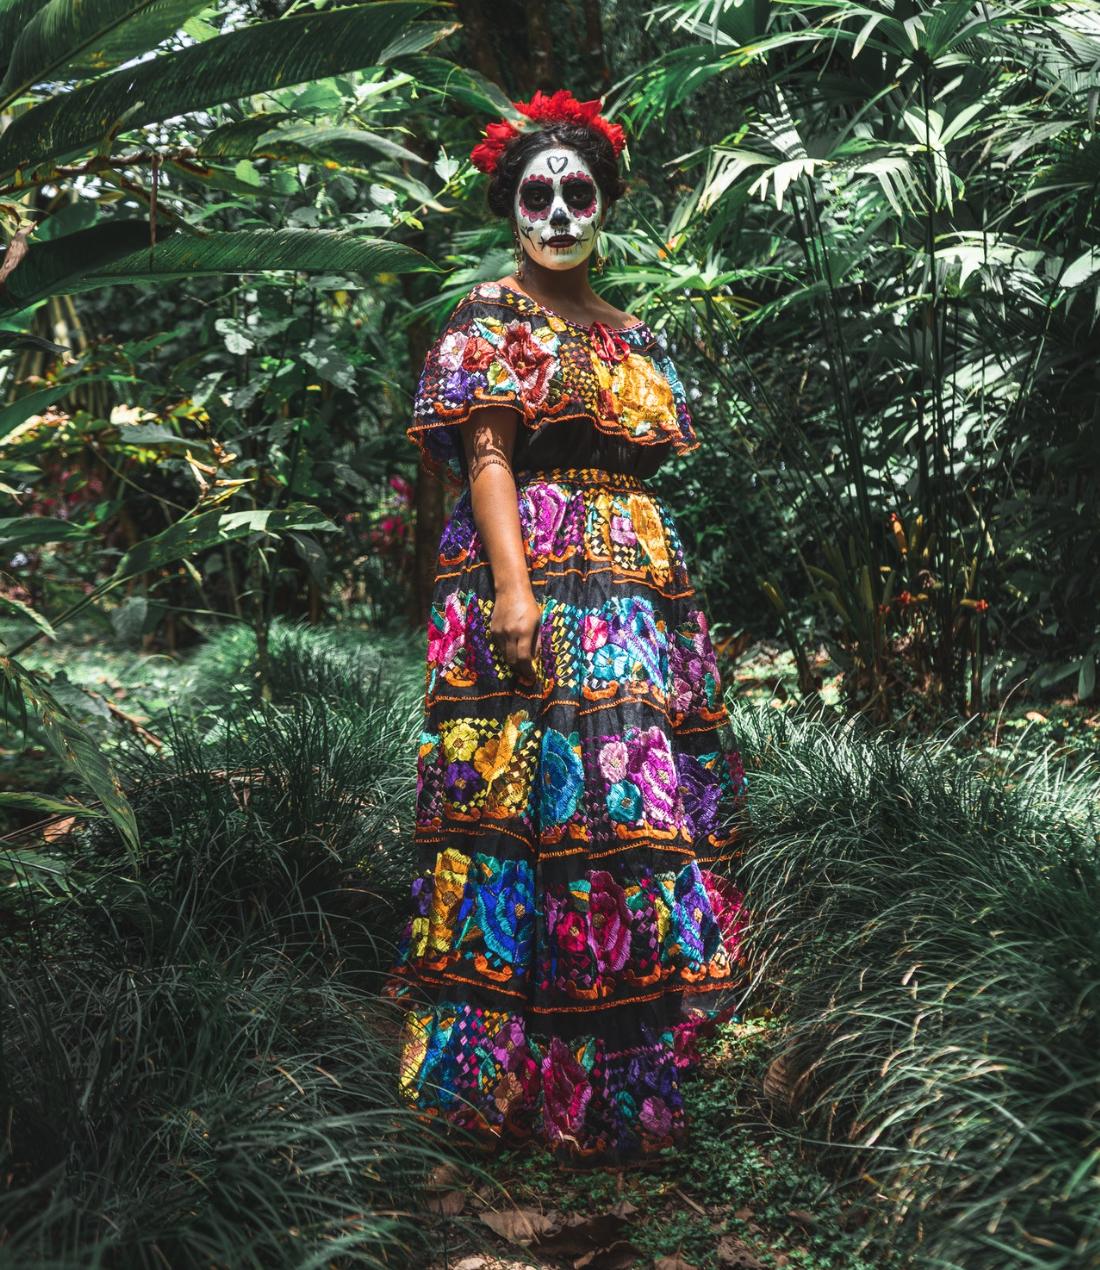 Femme maquillée et venue d'une robe très colorée pour célébrer El Dia de Muertos au Mexique